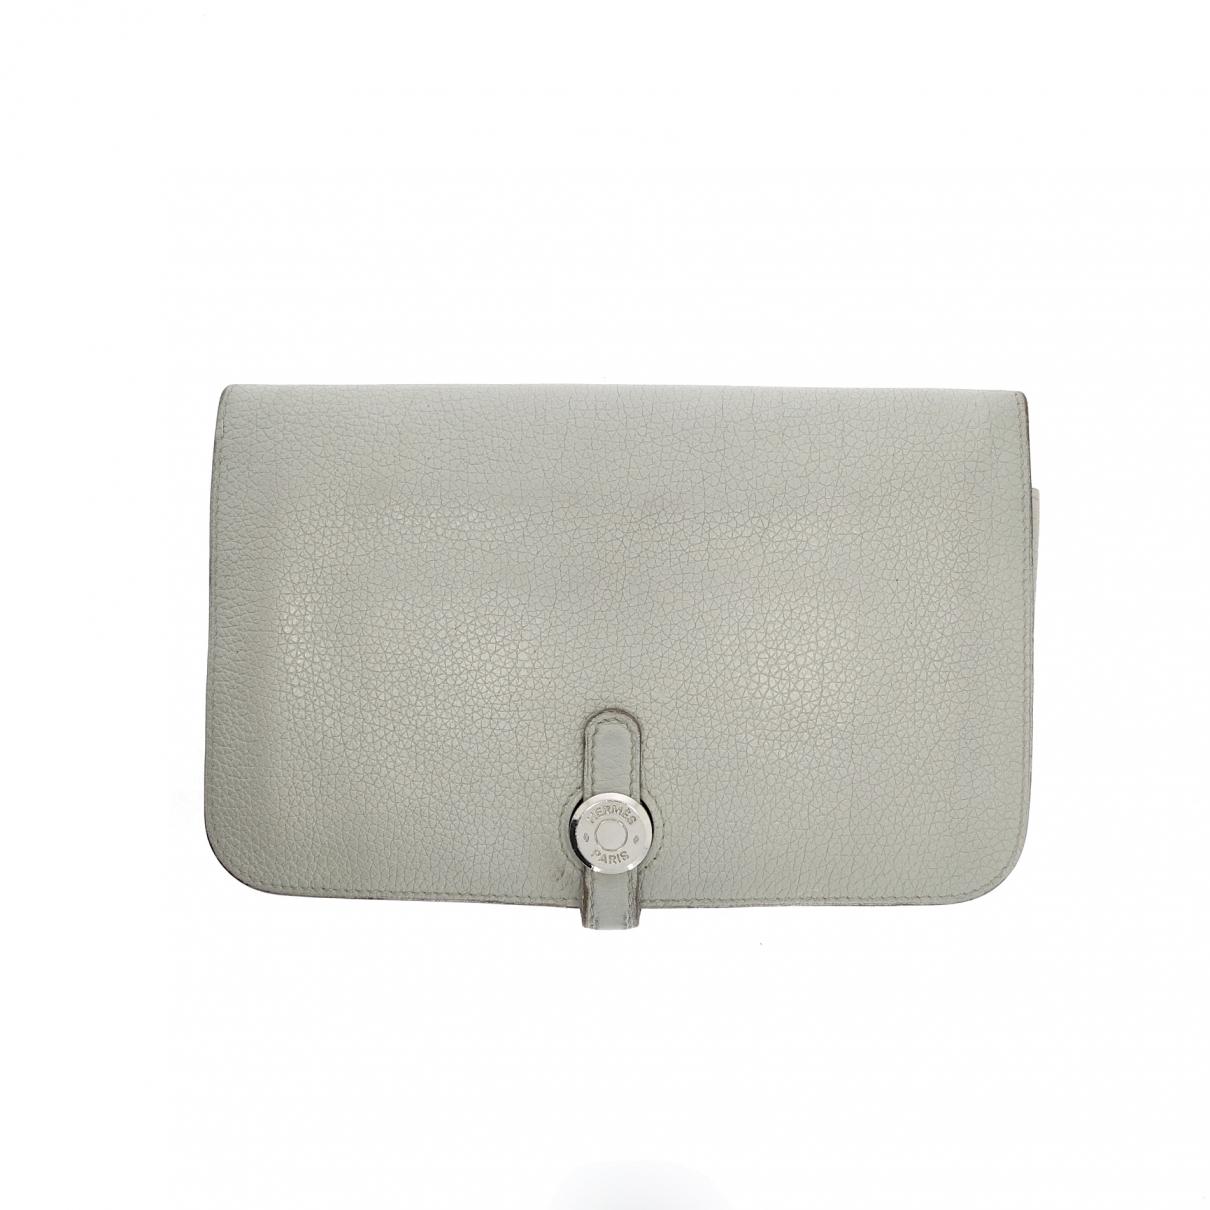 Hermes - Portefeuille Dogon pour femme en cuir - gris